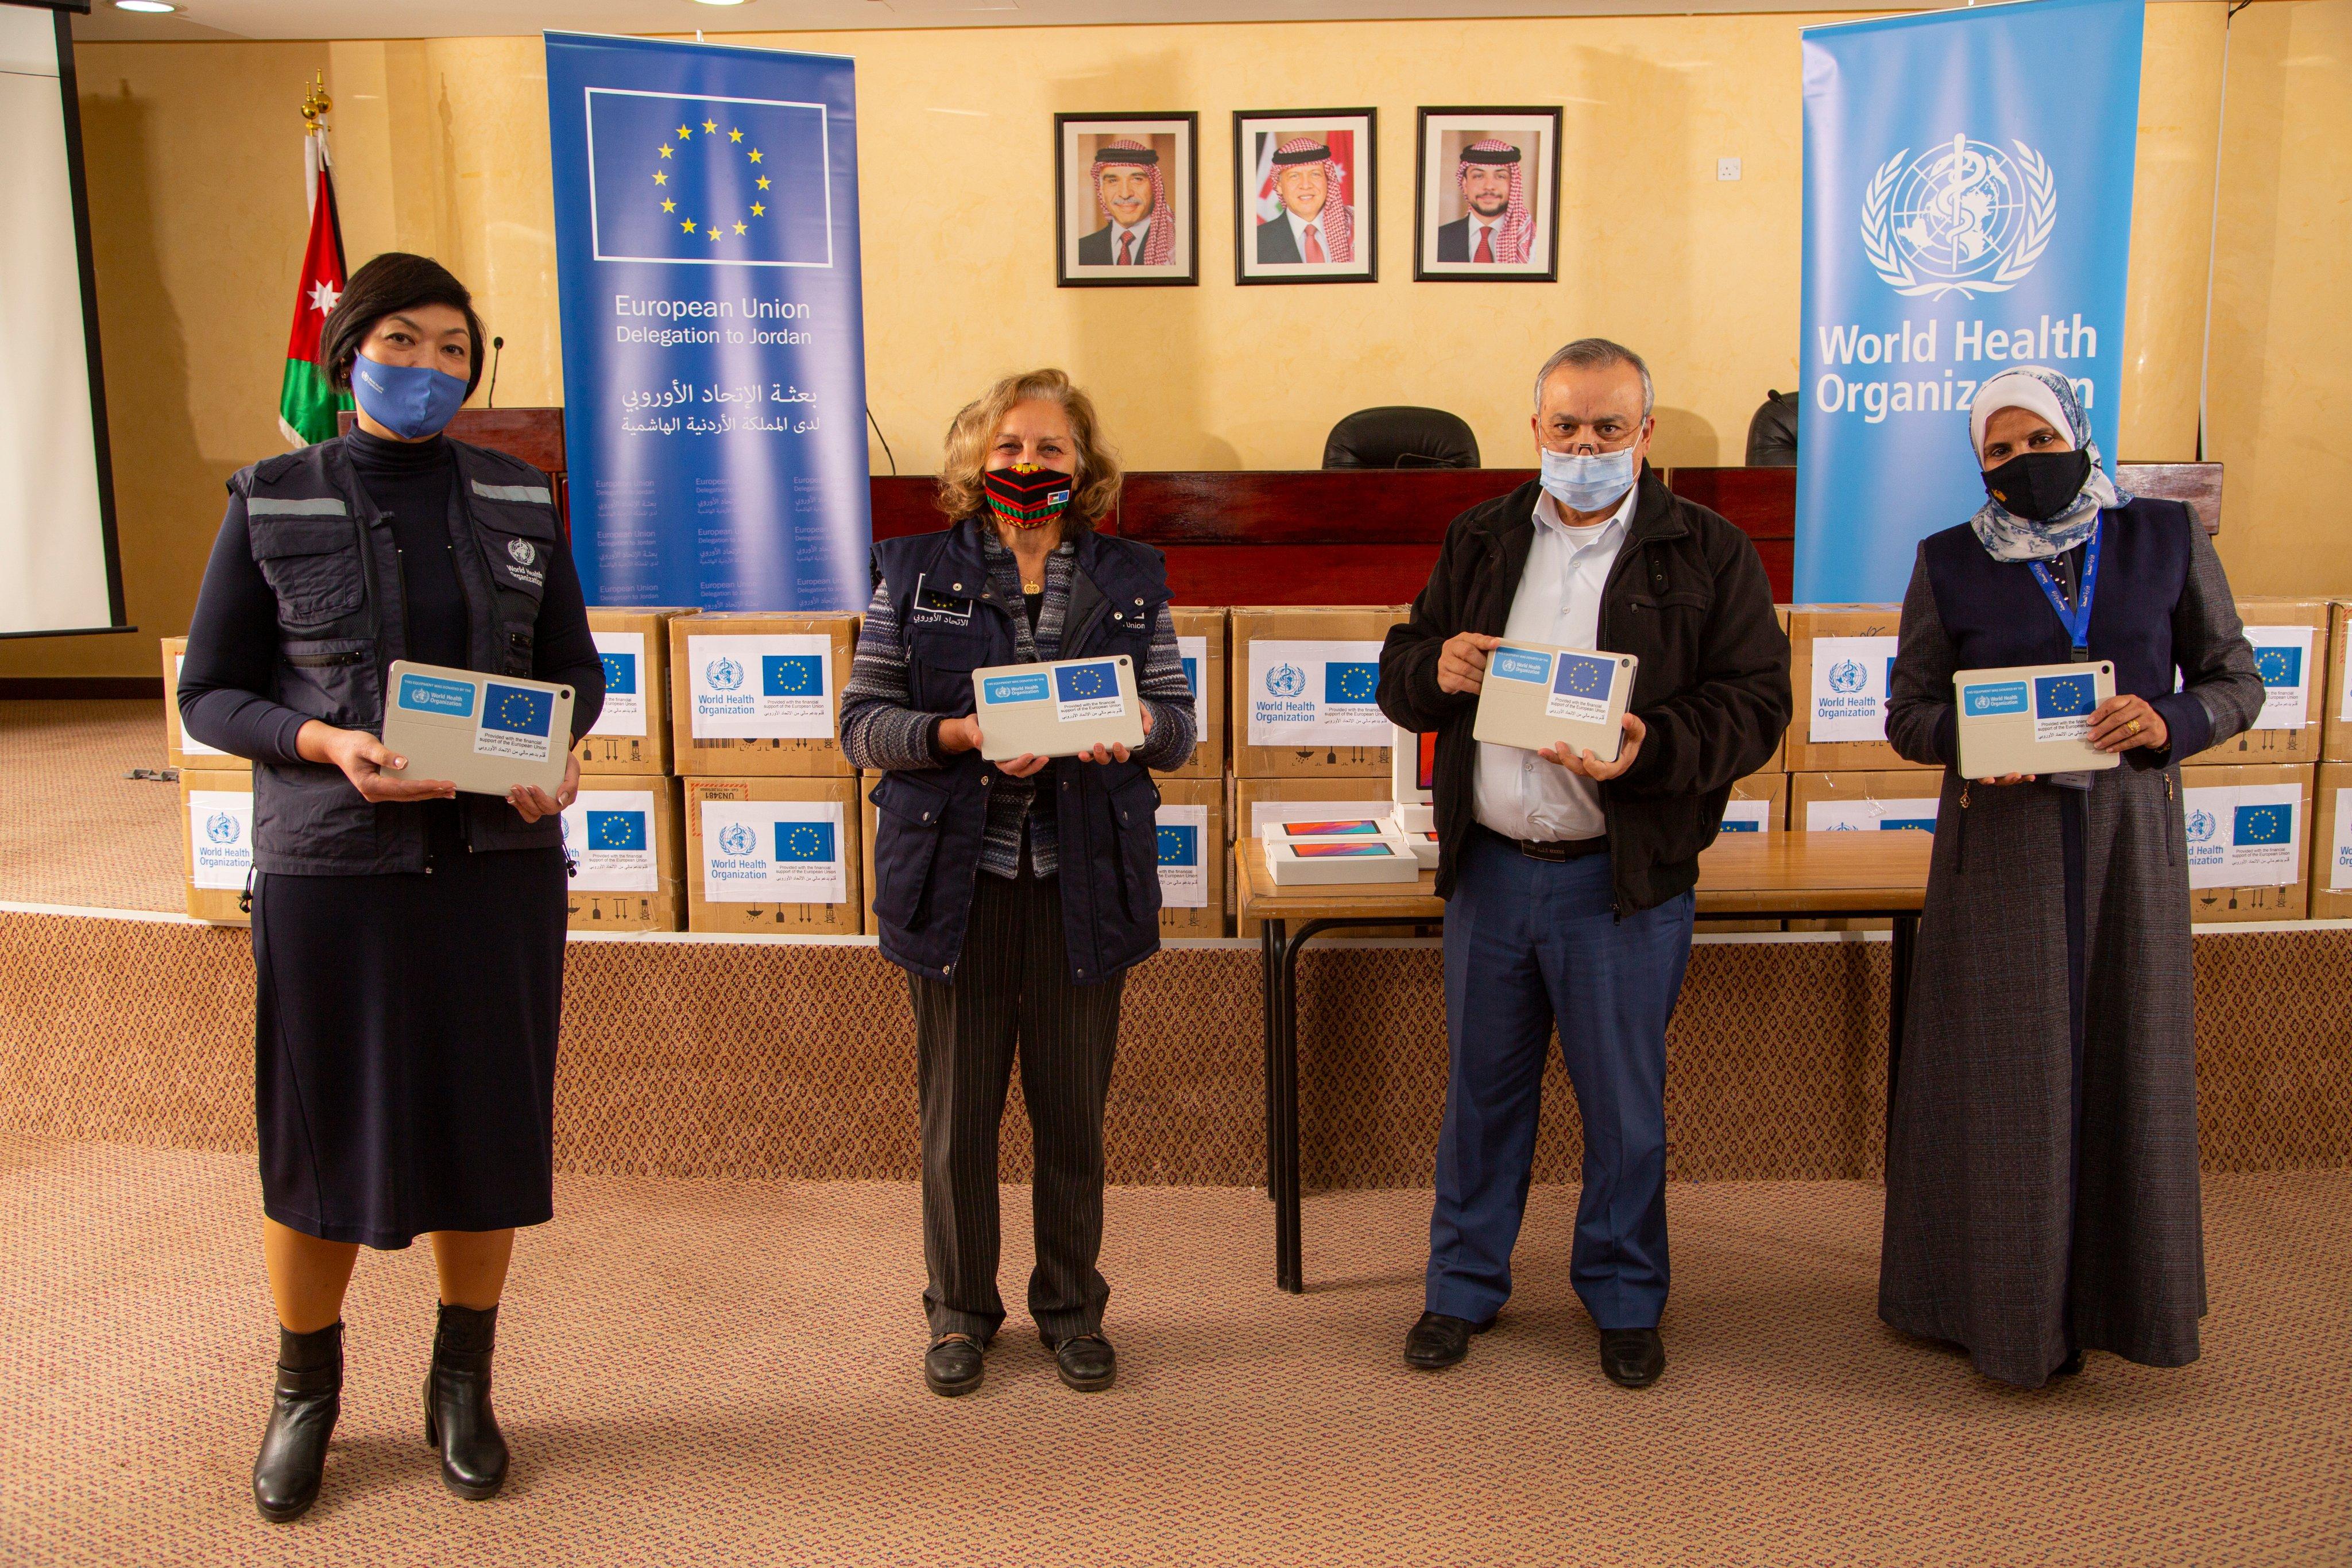 """300 جهاز لوحي من """"الصحة العالمية"""" للأردن لدعم جمع بيانات للتطعيم ضد كوفيد-19"""